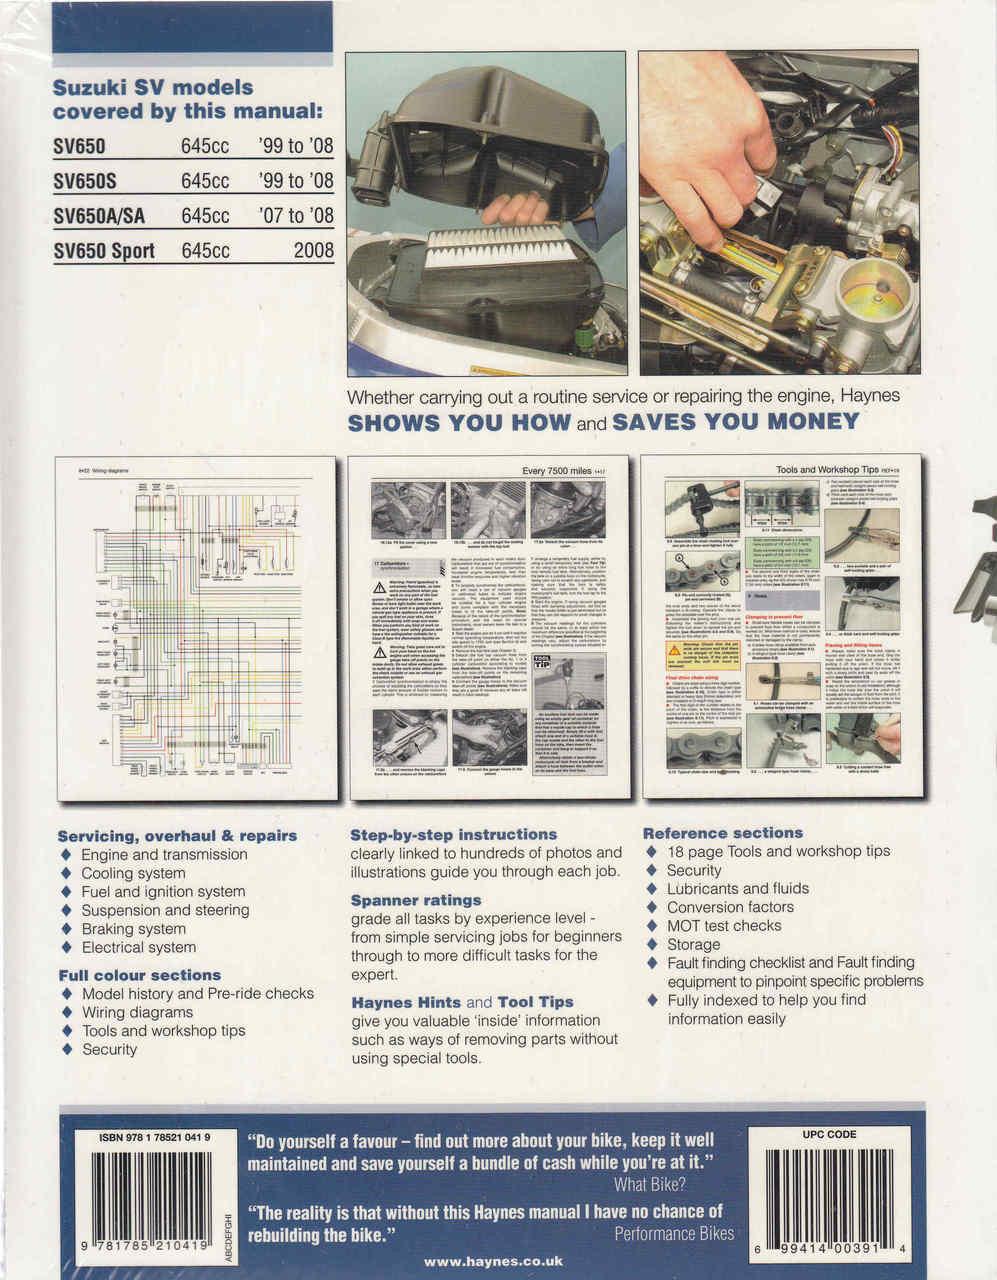 Suzuki Sv650 Ignition Wiring Diagram. . Wiring Diagram on